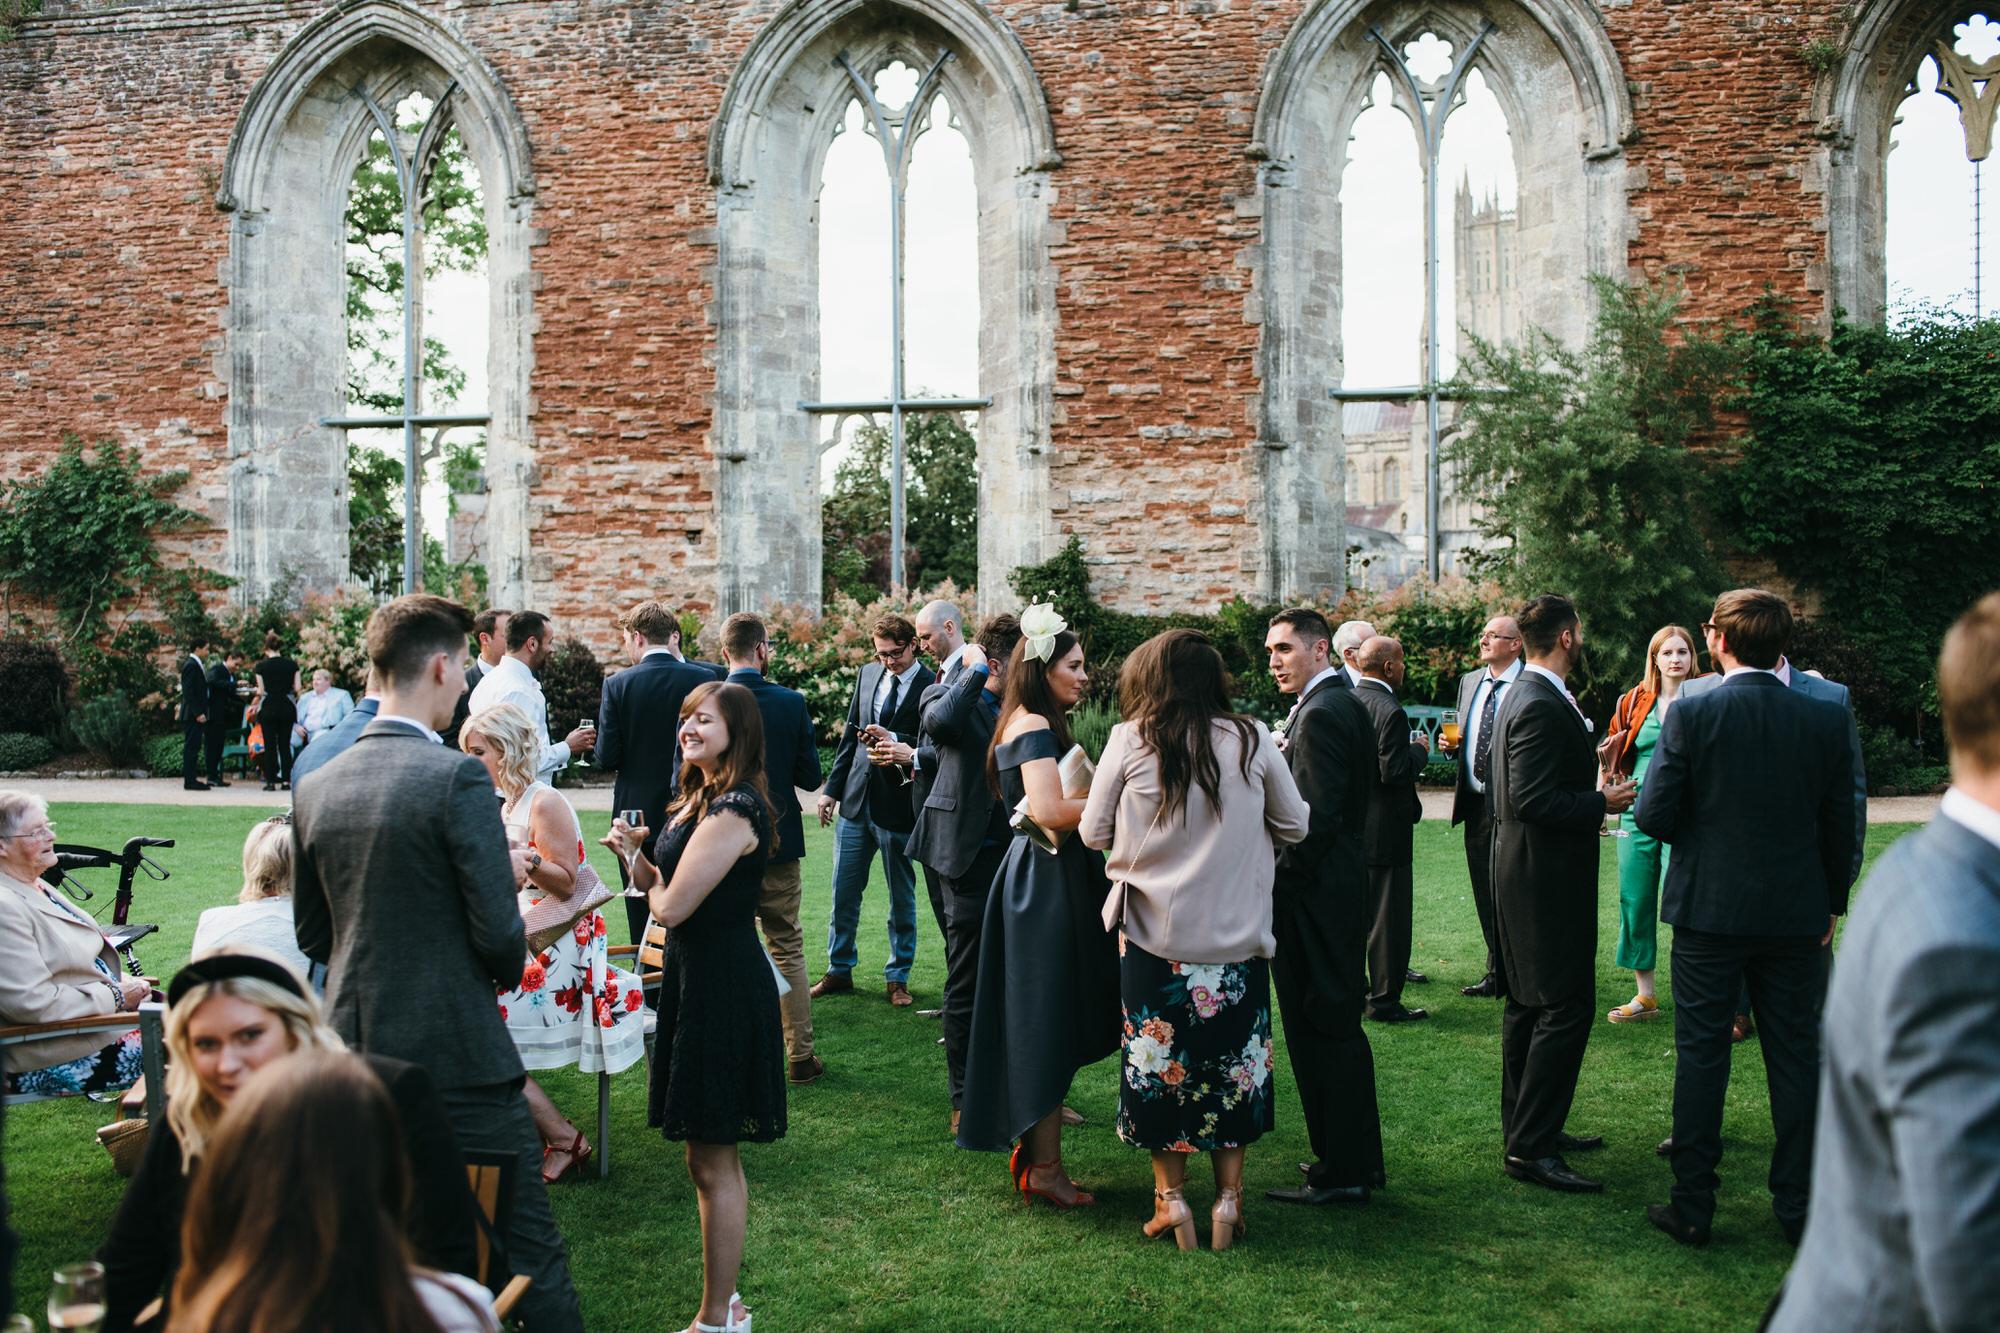 Bishops palace wedding venue Somerset